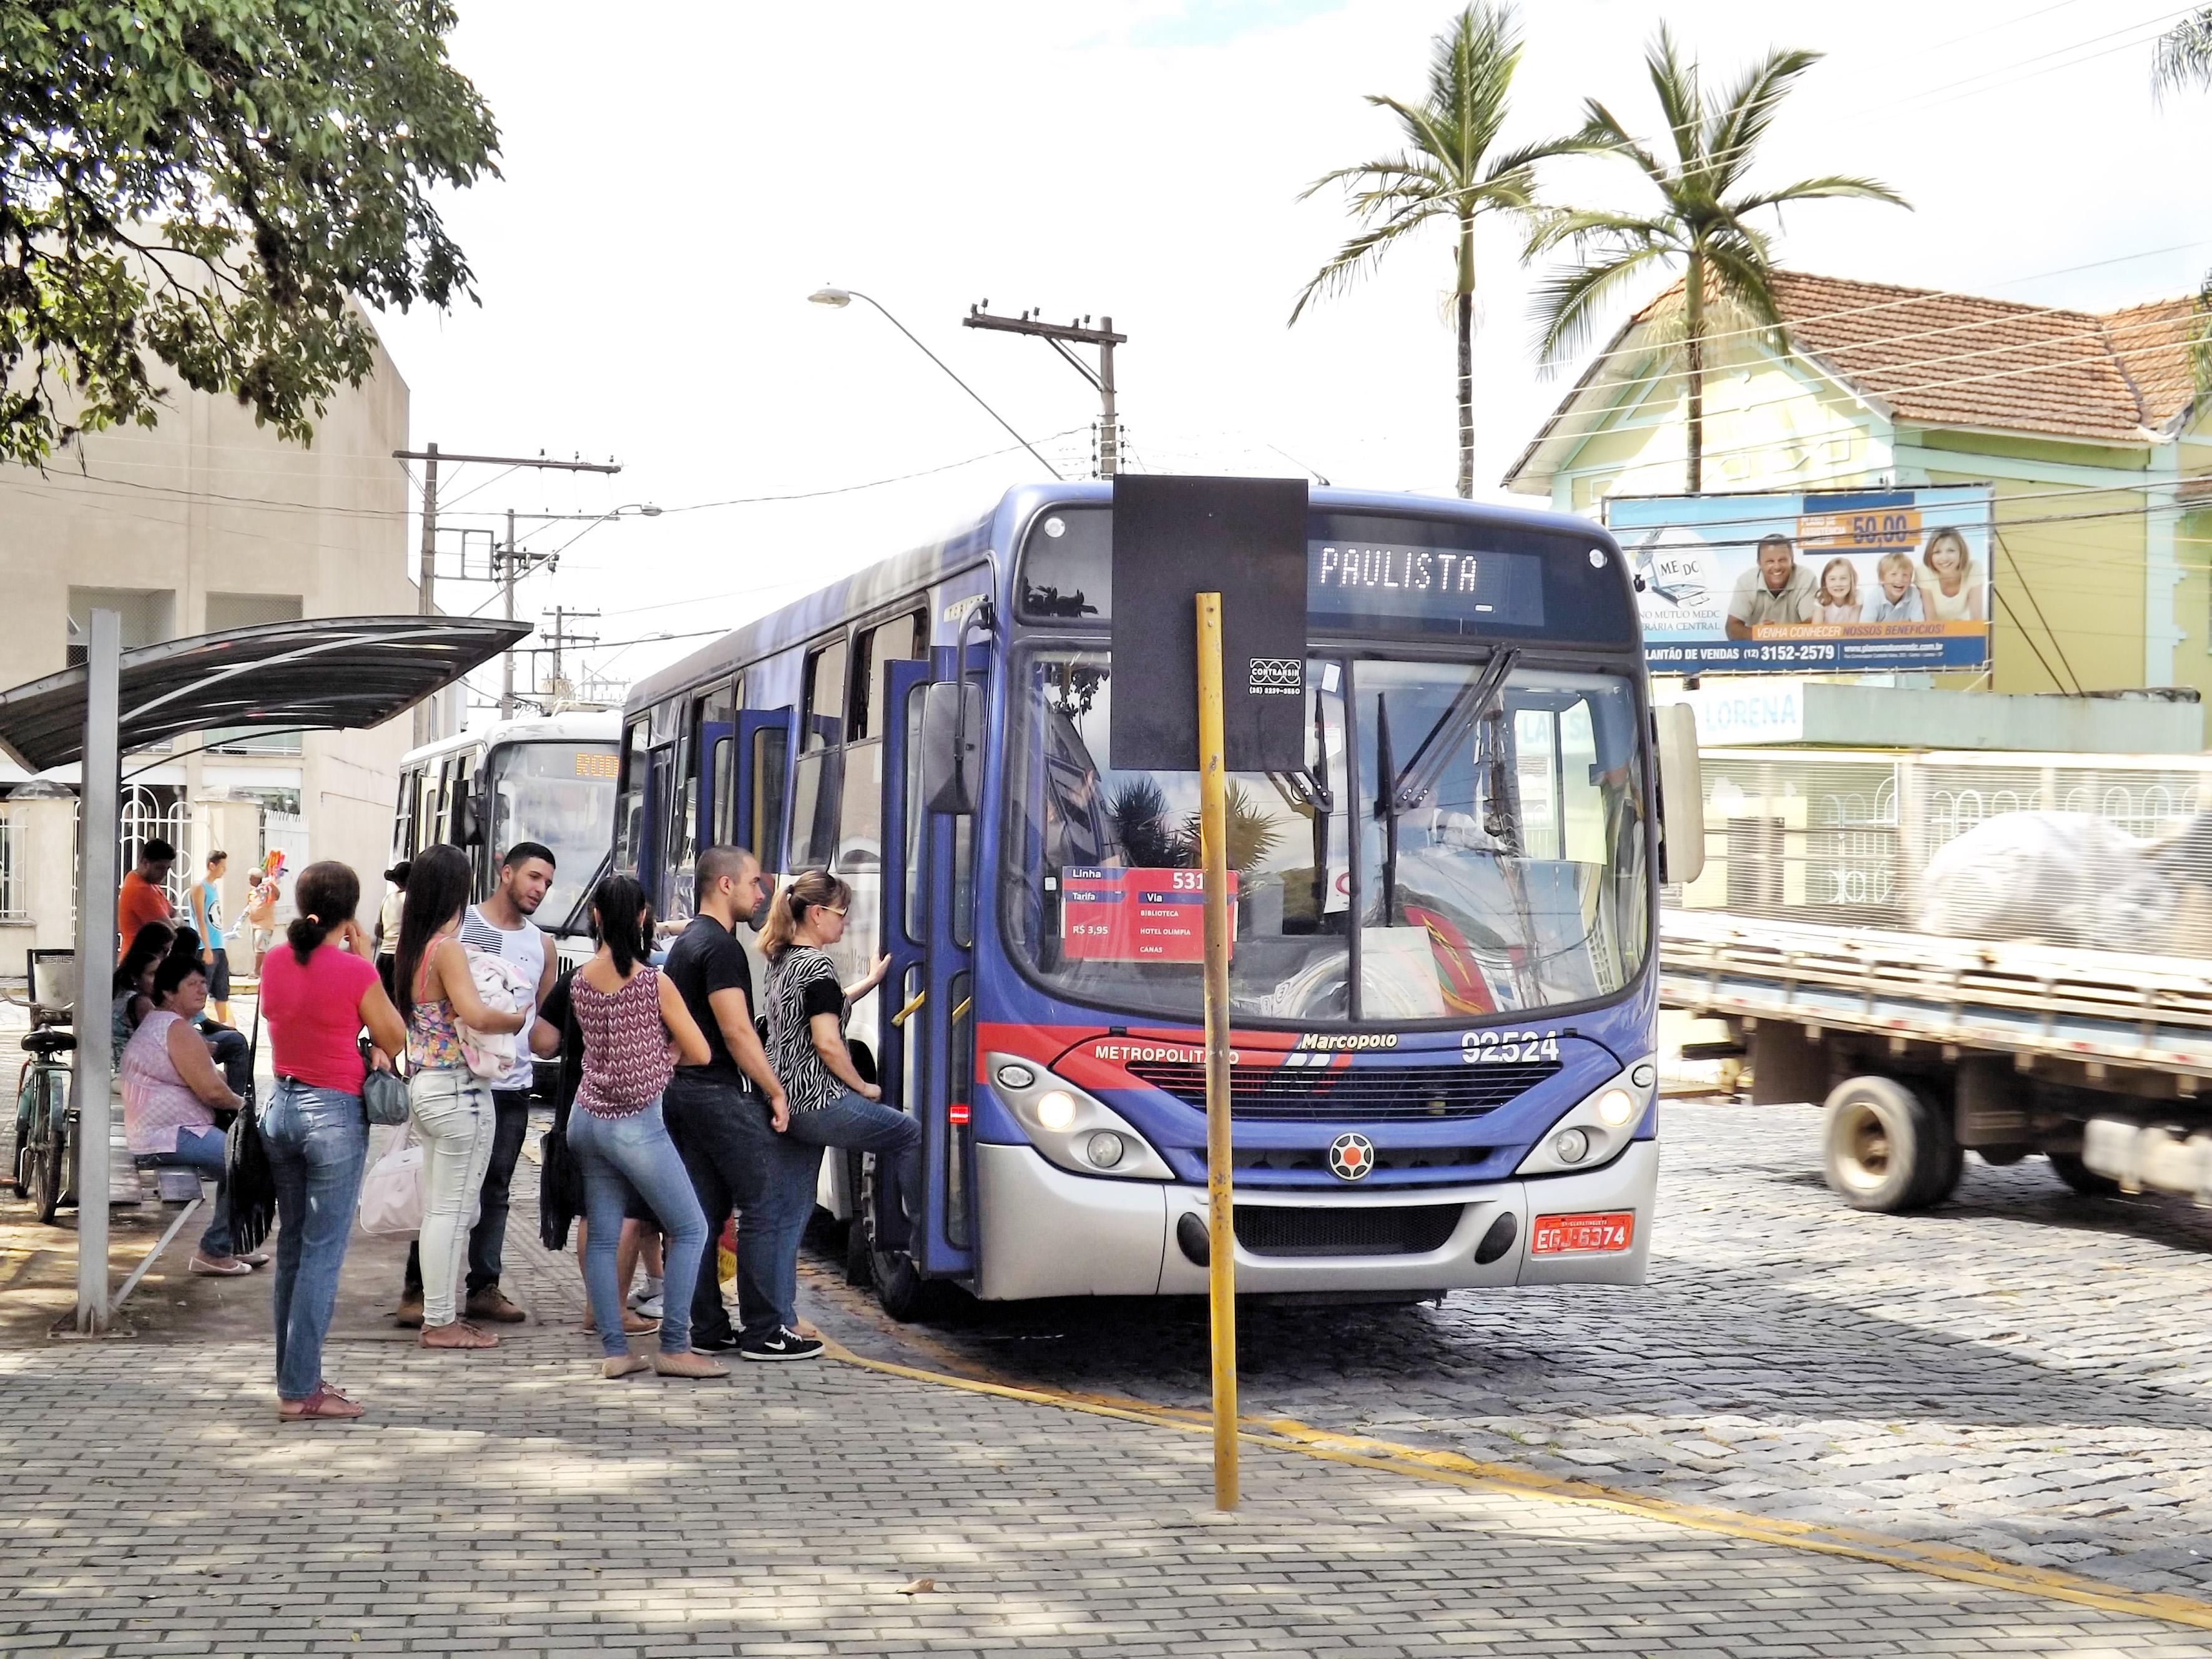 Passageiros embarcam em ônibus que faz a linha Lorena-Cachoeira Paulista; cidade é a mais afetada por ação de assaltantes na estrada (Foto: Lucas Barbosa)